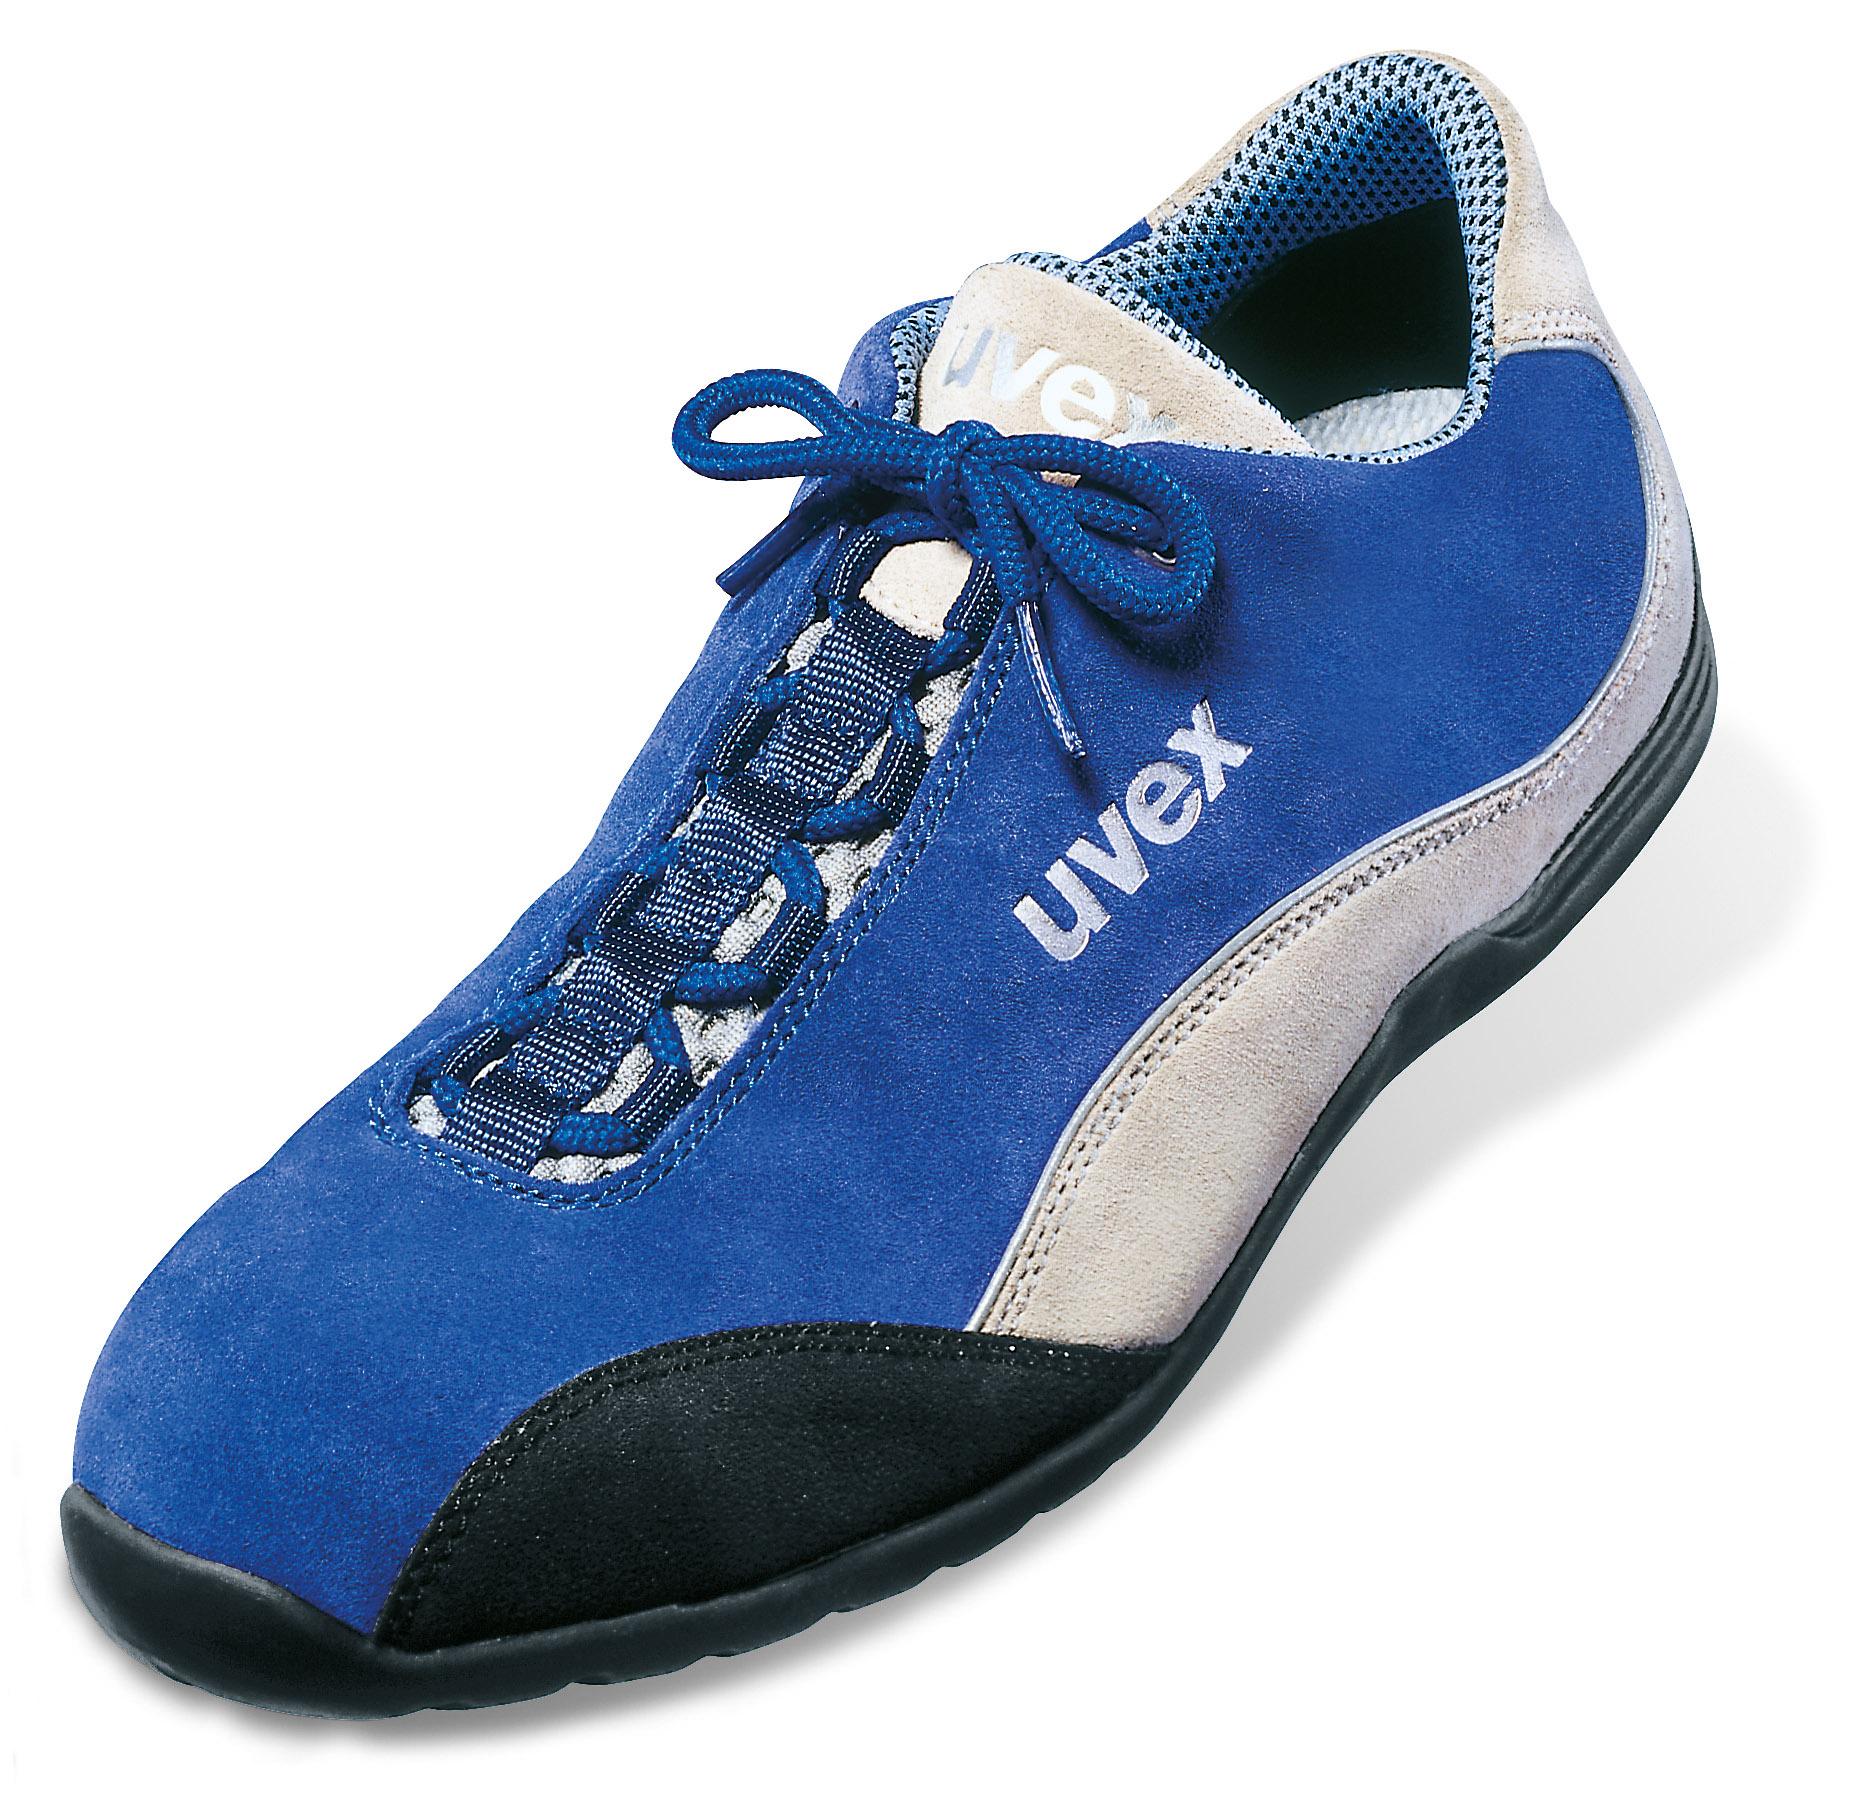 Uvex Motorsport S1 Sra Shoe Safety Shoes Uvex Safety